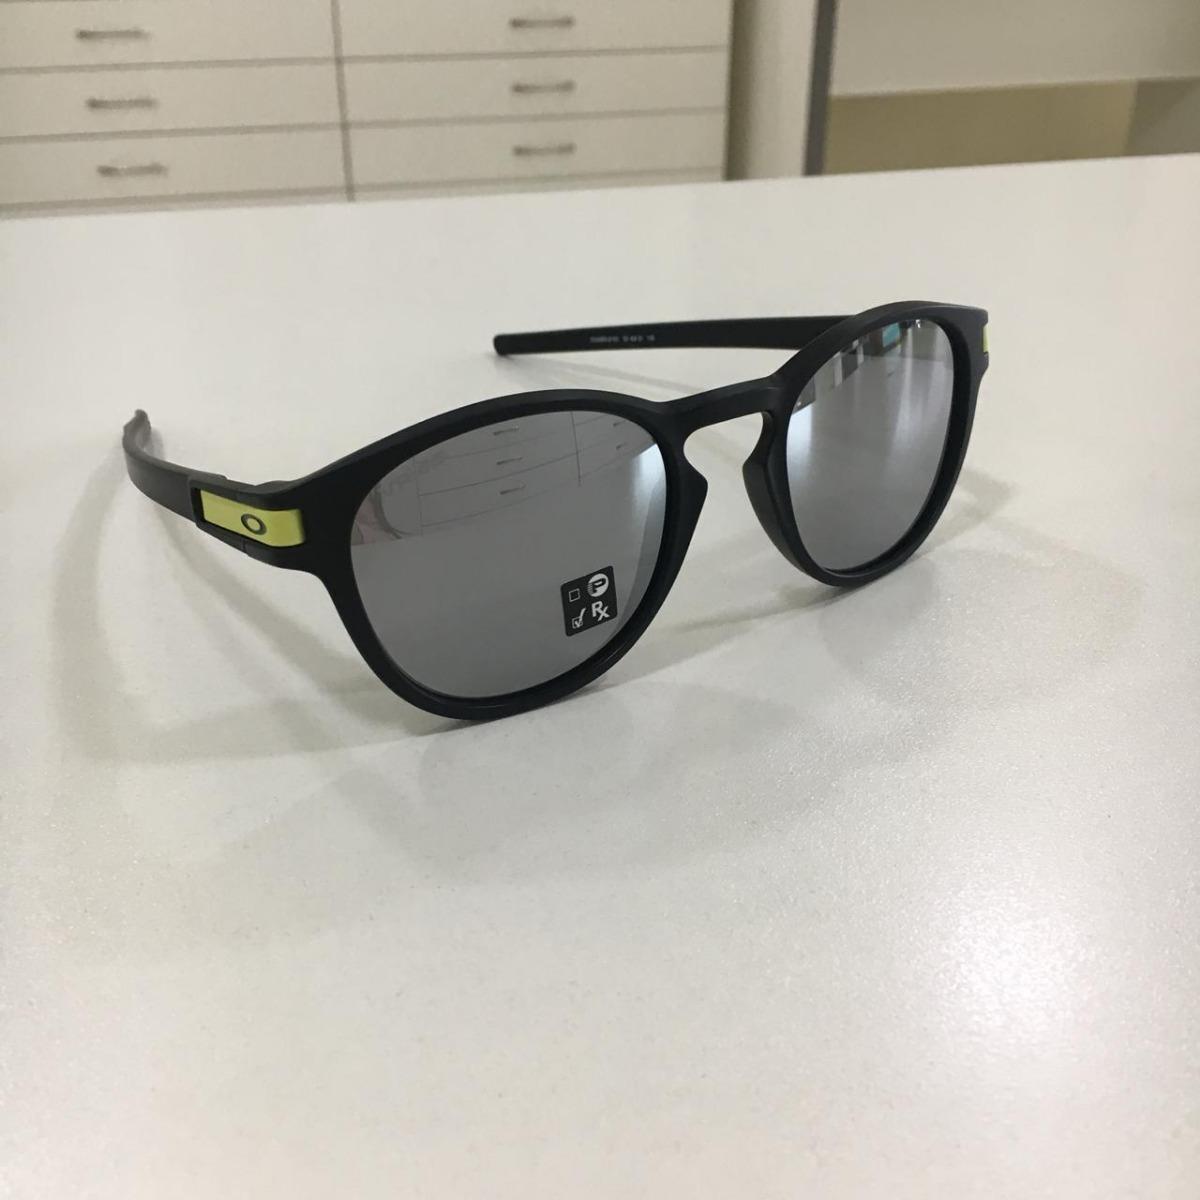 a06b65959245c óculos de sol oakley latch oo9265 valentino rossi - original. Carregando  zoom.